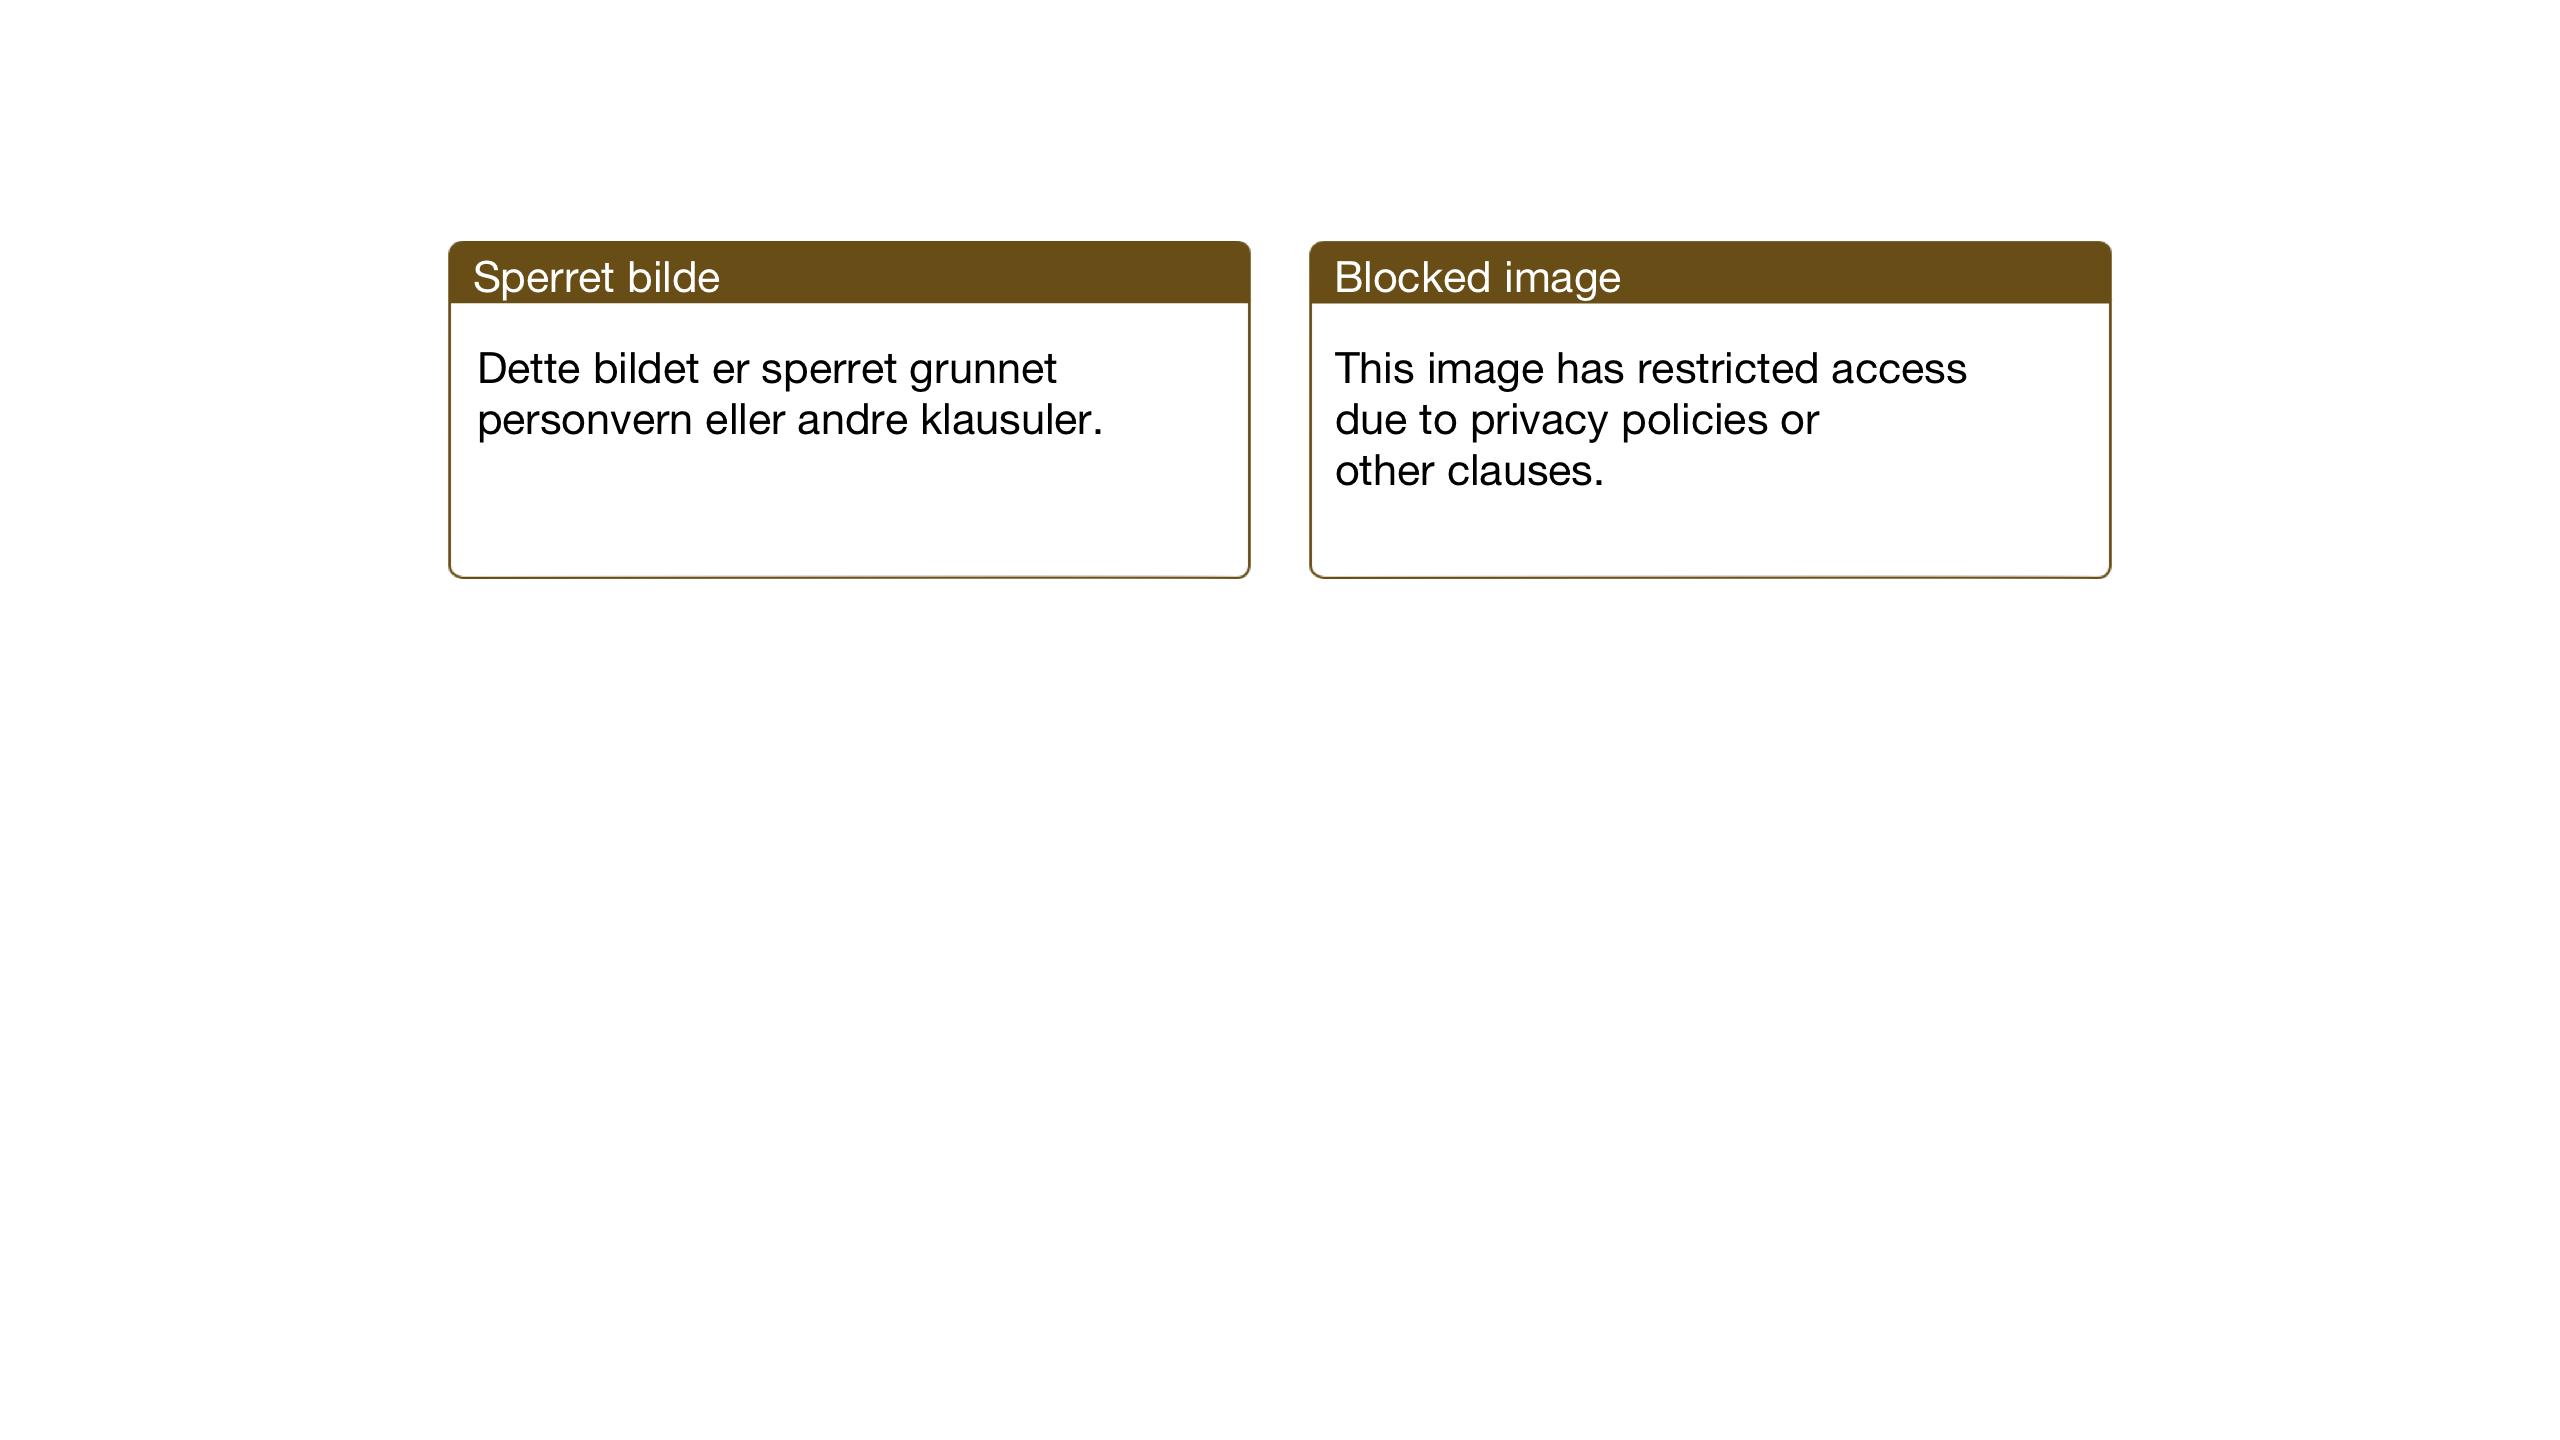 SAT, Ministerialprotokoller, klokkerbøker og fødselsregistre - Sør-Trøndelag, 621/L0462: Klokkerbok nr. 621C05, 1915-1945, s. 33